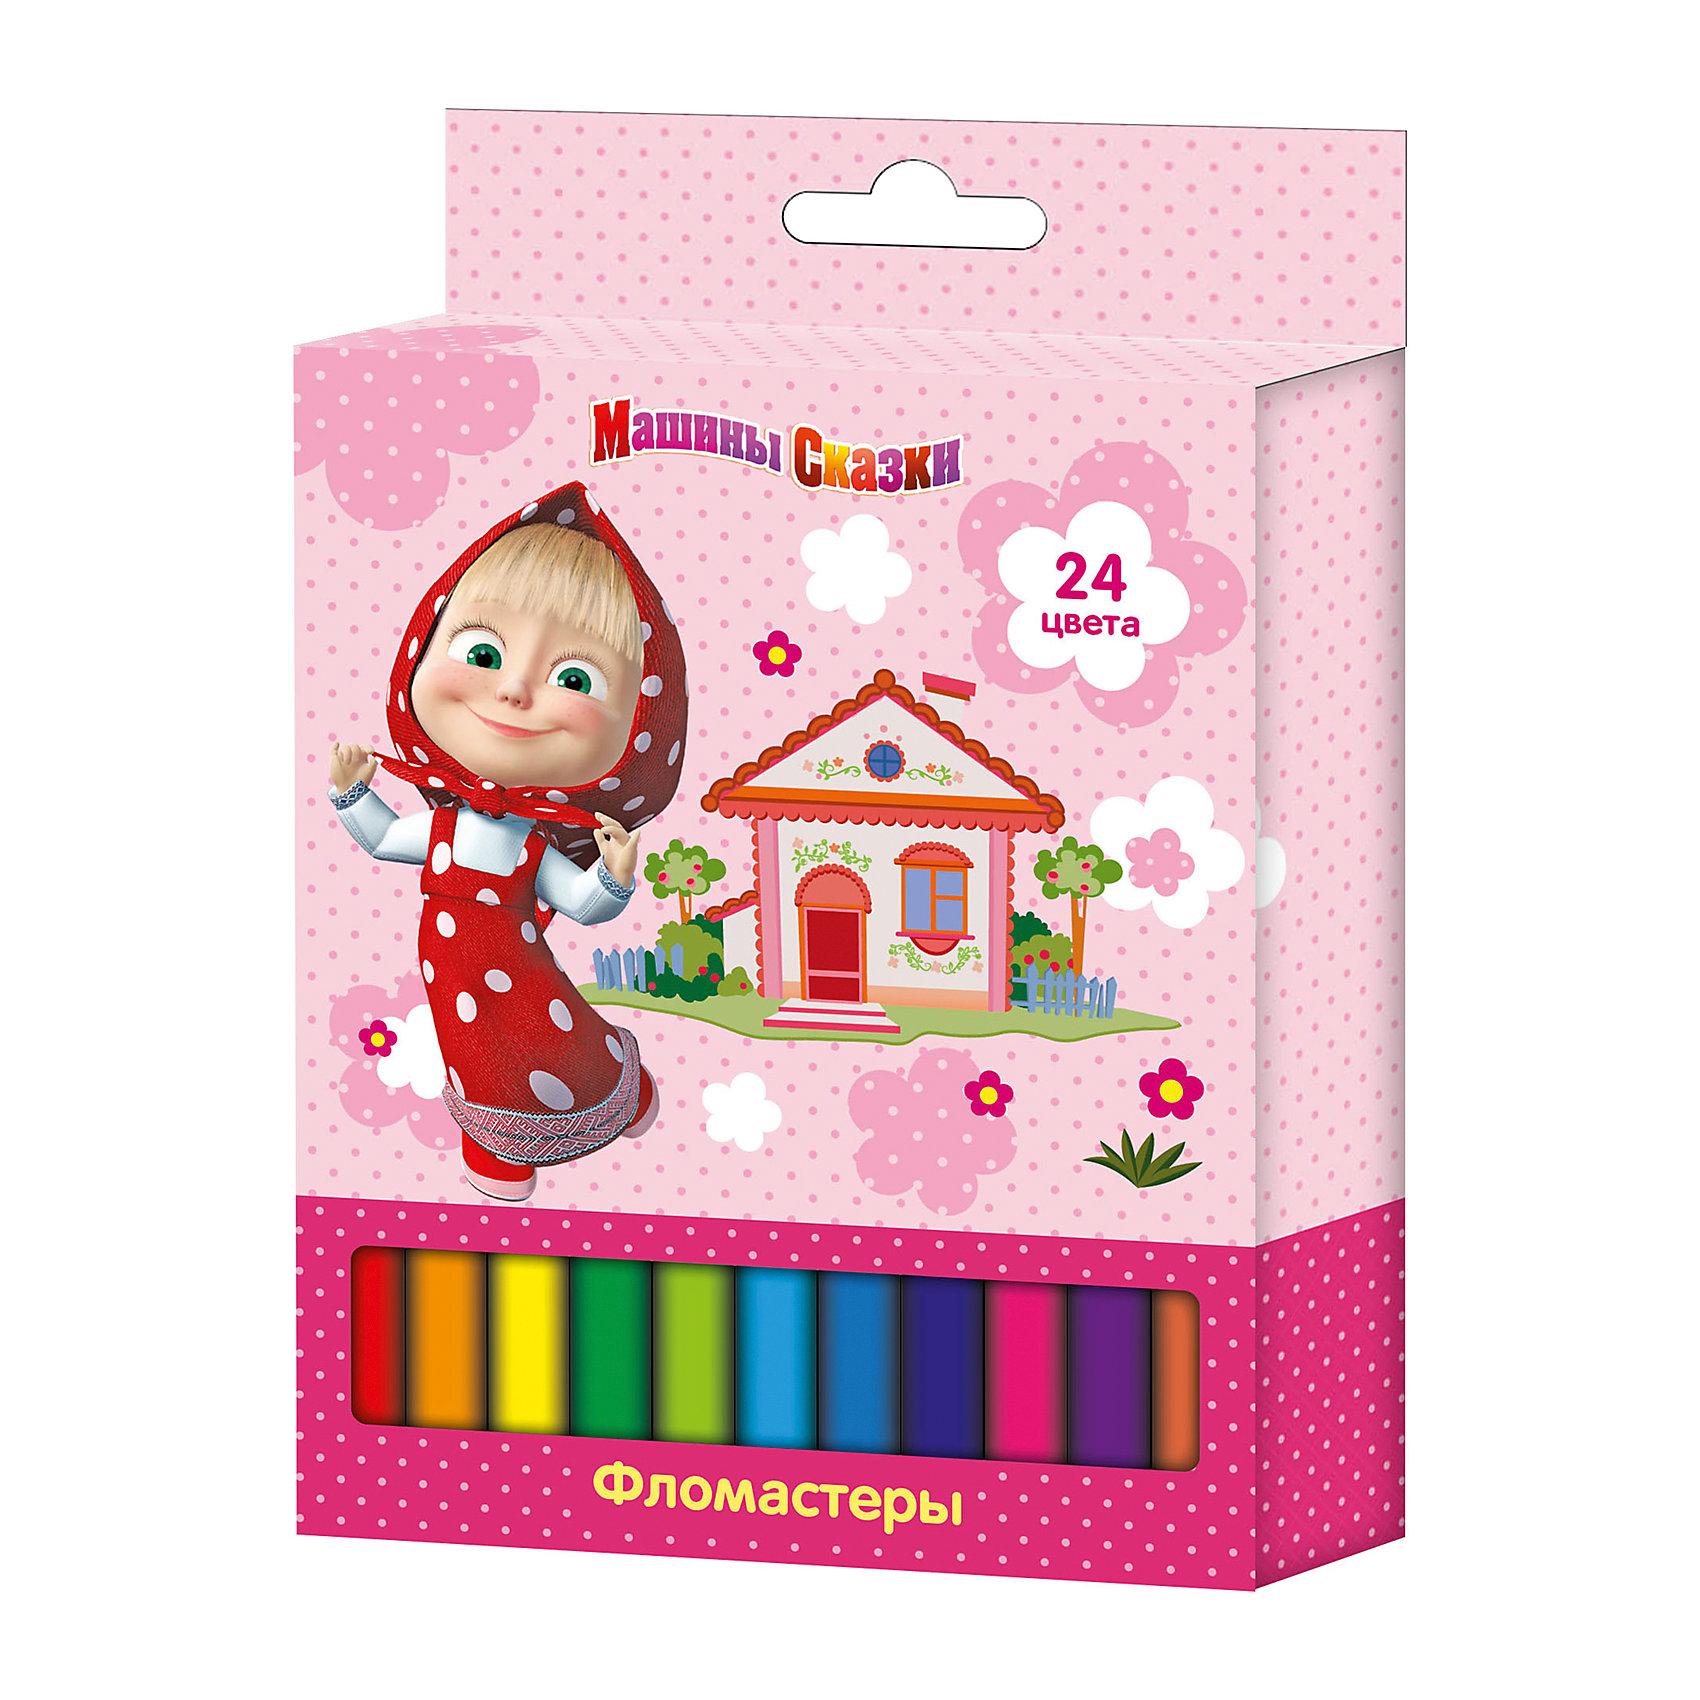 Фломастеры 24 цвета, Маша и МедведьХарактеристики Фломастеры 24 цвета, Маша и Медведь:<br><br>• возраст: от 3 лет<br>• пол: для девочек<br>• герой: Маша и Медведь<br>• комплект: 24 фломастера.<br>• состав: пластик, пвх, чернила.<br>• вид: на водной основе.<br>• упаковка: картонная коробка открытого типа.<br>• размер упаковки: 10.5 х 13 х 2 см.<br>• диаметр корпуса: 0.8 см.<br>• длина: 13.5 см.<br>• срок годности: 2 года.<br>• бренд: Росмэн<br>• страна обладатель бренда: Россия.<br><br>Фломастеры ТМ «Маша и Медведь», идеально подходящие для рисования и раскрашивания, помогут маленькой художнице создать яркие картинки, а упаковка с любимыми героями будет долгое время радовать малышку. В набор входит 24 разноцветных фломастера с вентилируемыми колпачками, безопасными для детей. Диаметр корпуса: 0,8 см; длина: 13,5 см. Фломастеры изготовлены из материала, обеспечивающего прочность корпуса и препятствующего испарению чернил, благодаря этому они имеют гарантированно долгий срок службы: корпус не ломается, даже если согнуть фломастер пополам. Состав: ПВХ, пластик, чернила на водной основе. Срок годности: 2 года.<br><br>Фломастеры 24 цвета, Маша и Медведь торговой марки Росмен можно купить в нашем интернет-магазине.<br><br>Ширина мм: 133<br>Глубина мм: 105<br>Высота мм: 200<br>Вес г: 120<br>Возраст от месяцев: 36<br>Возраст до месяцев: 2147483647<br>Пол: Женский<br>Возраст: Детский<br>SKU: 5453323